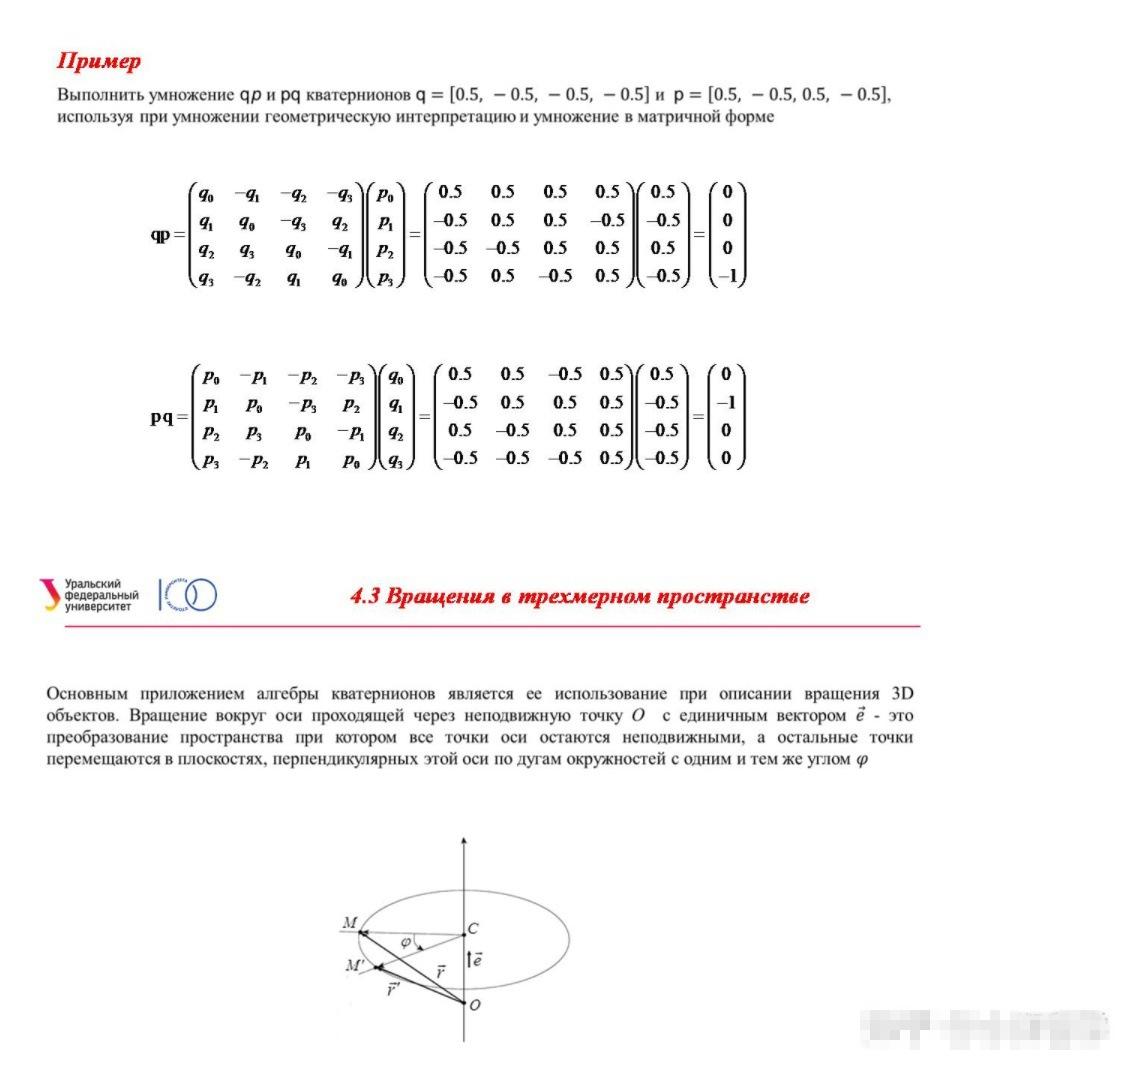 刚体在空间的转动可以理解为欧拉角的三个角在四元空间中的向量的点乘,这是理解四元群模拟转动的理论基础。